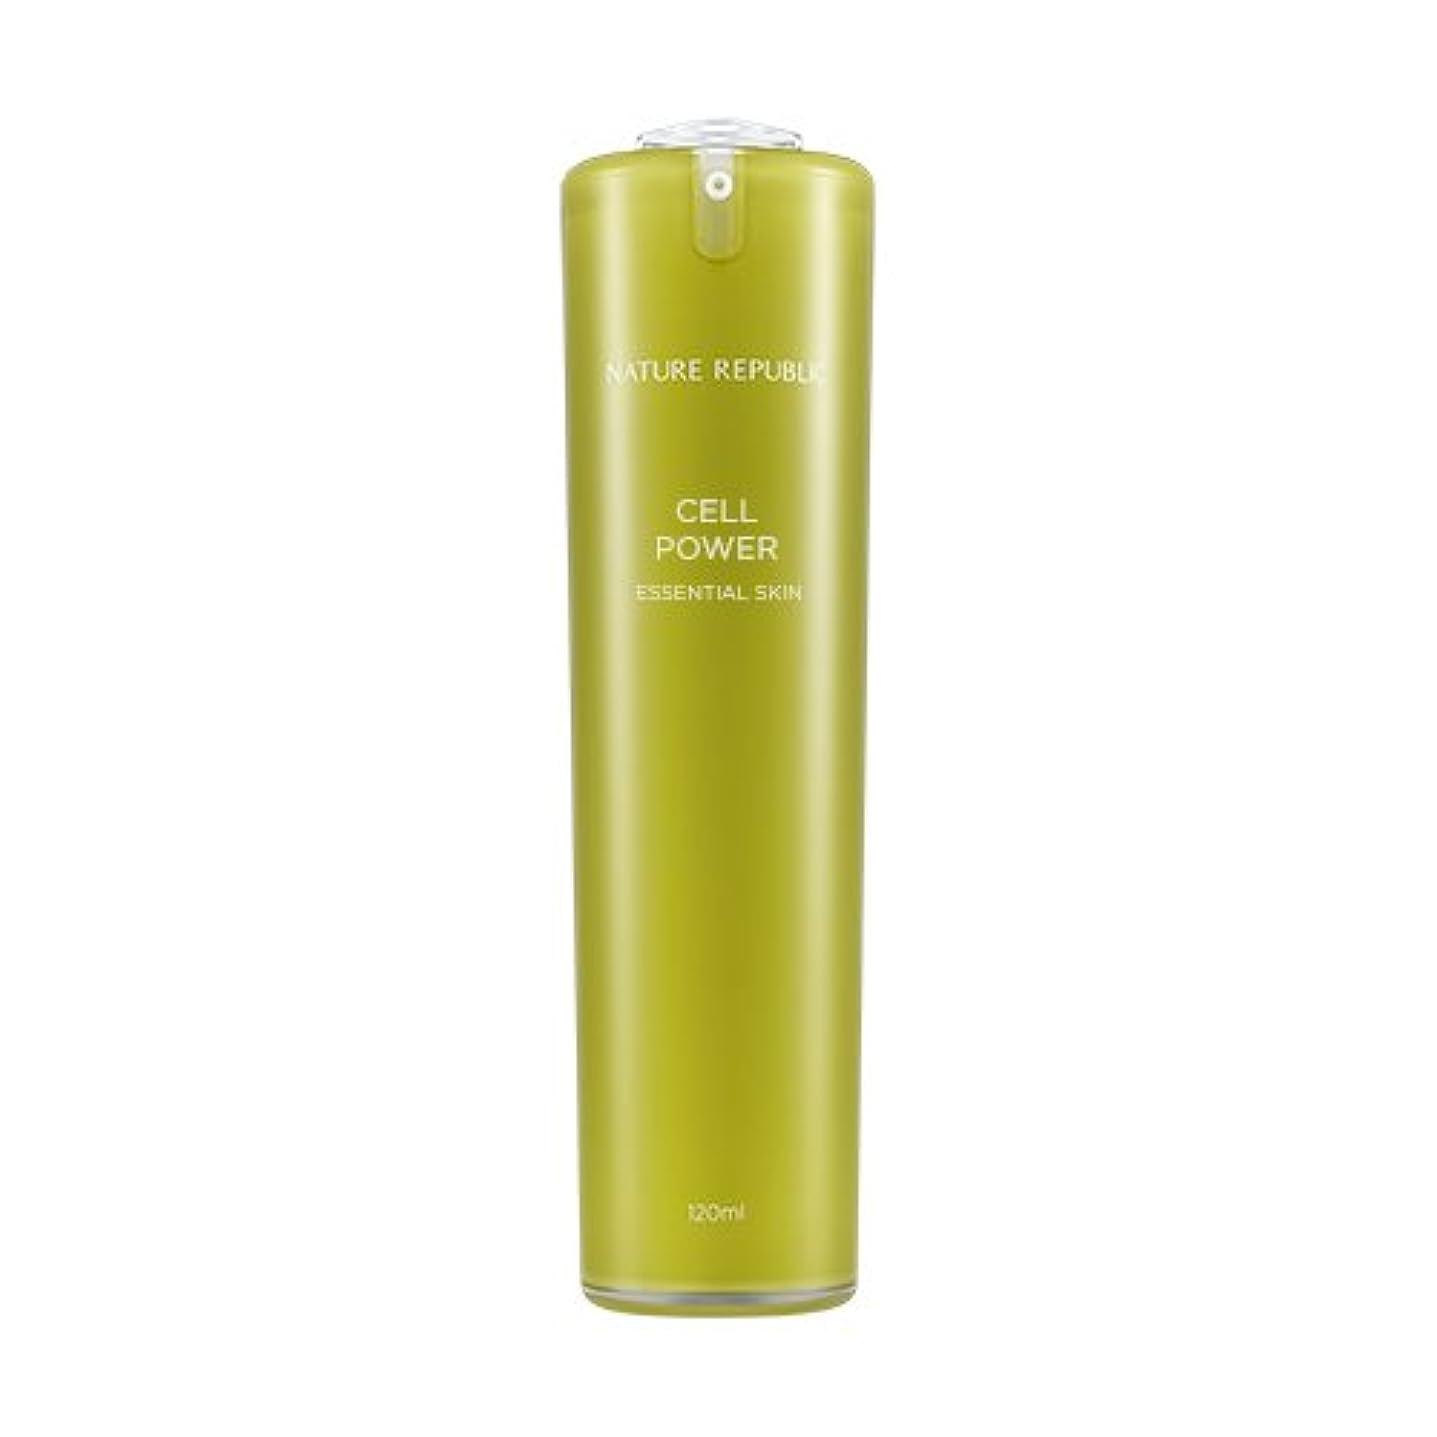 スコアスリム高速道路NATURE REPUBLIC Cell Power Essential Skin / ネイチャーリパブリックセルパワーエッセンシャルスキン 120ml [並行輸入品]